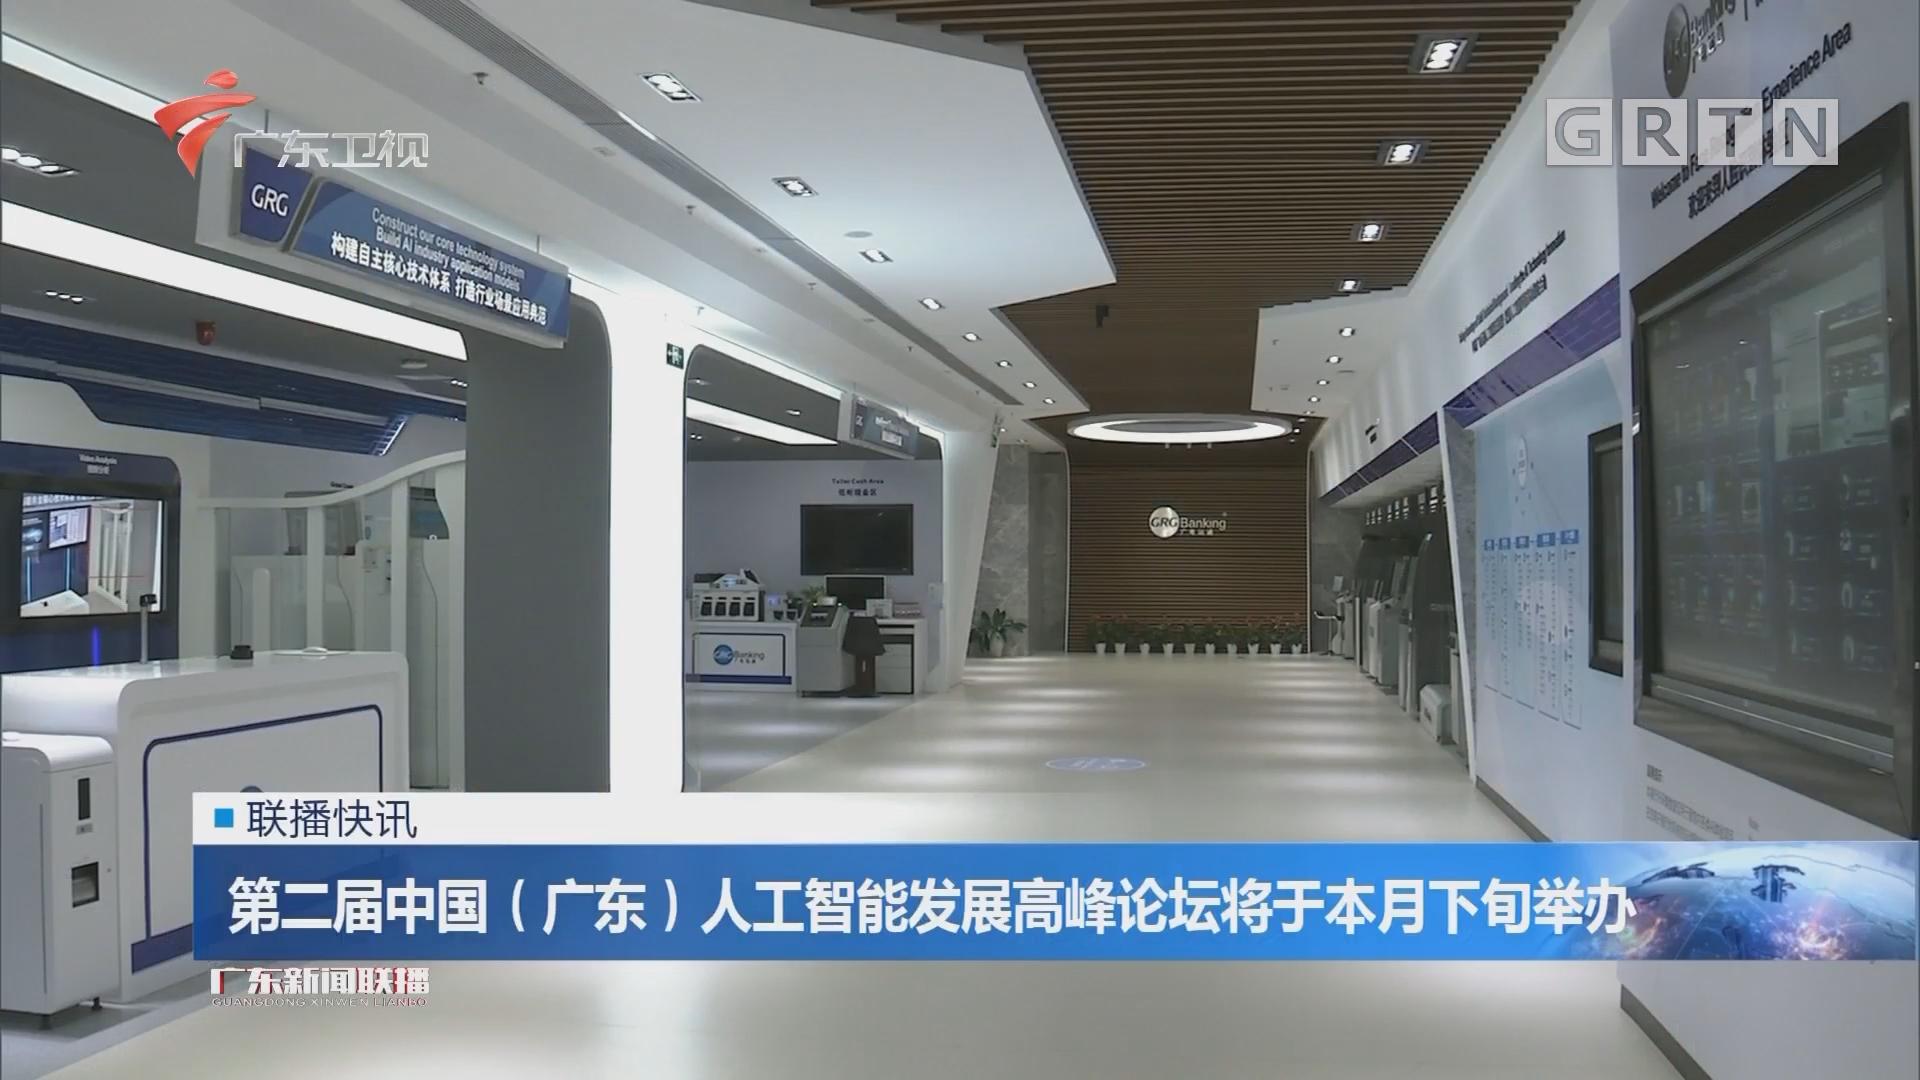 第二届中国(广东)人工智能发展高峰论坛将于本月下旬举办